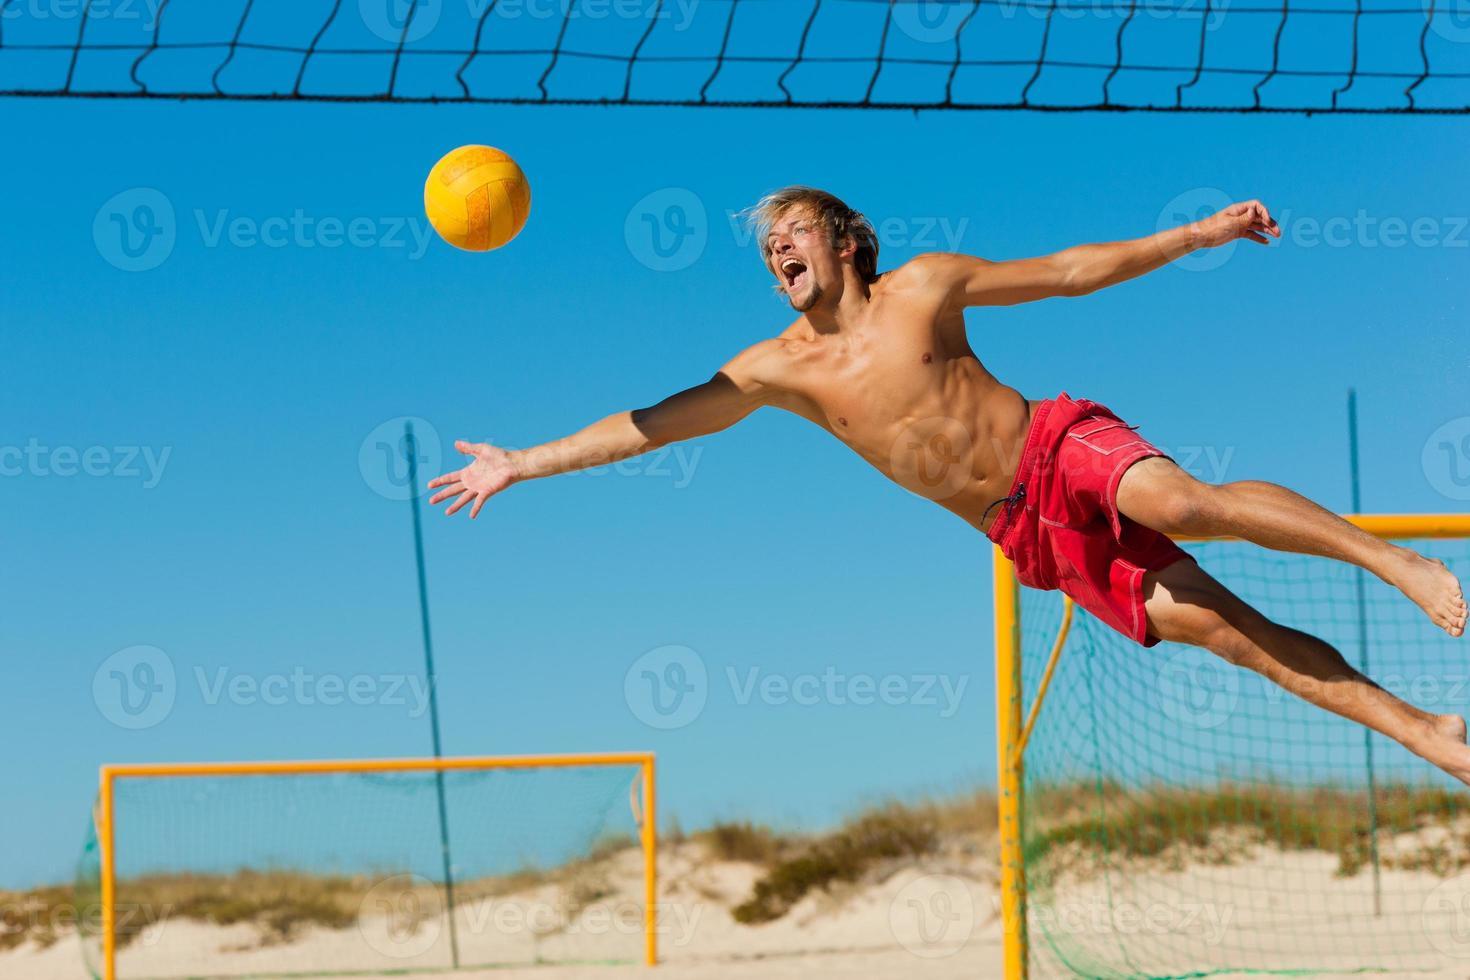 homem na praia pulando no ar enquanto ele tenta jogar vôlei foto